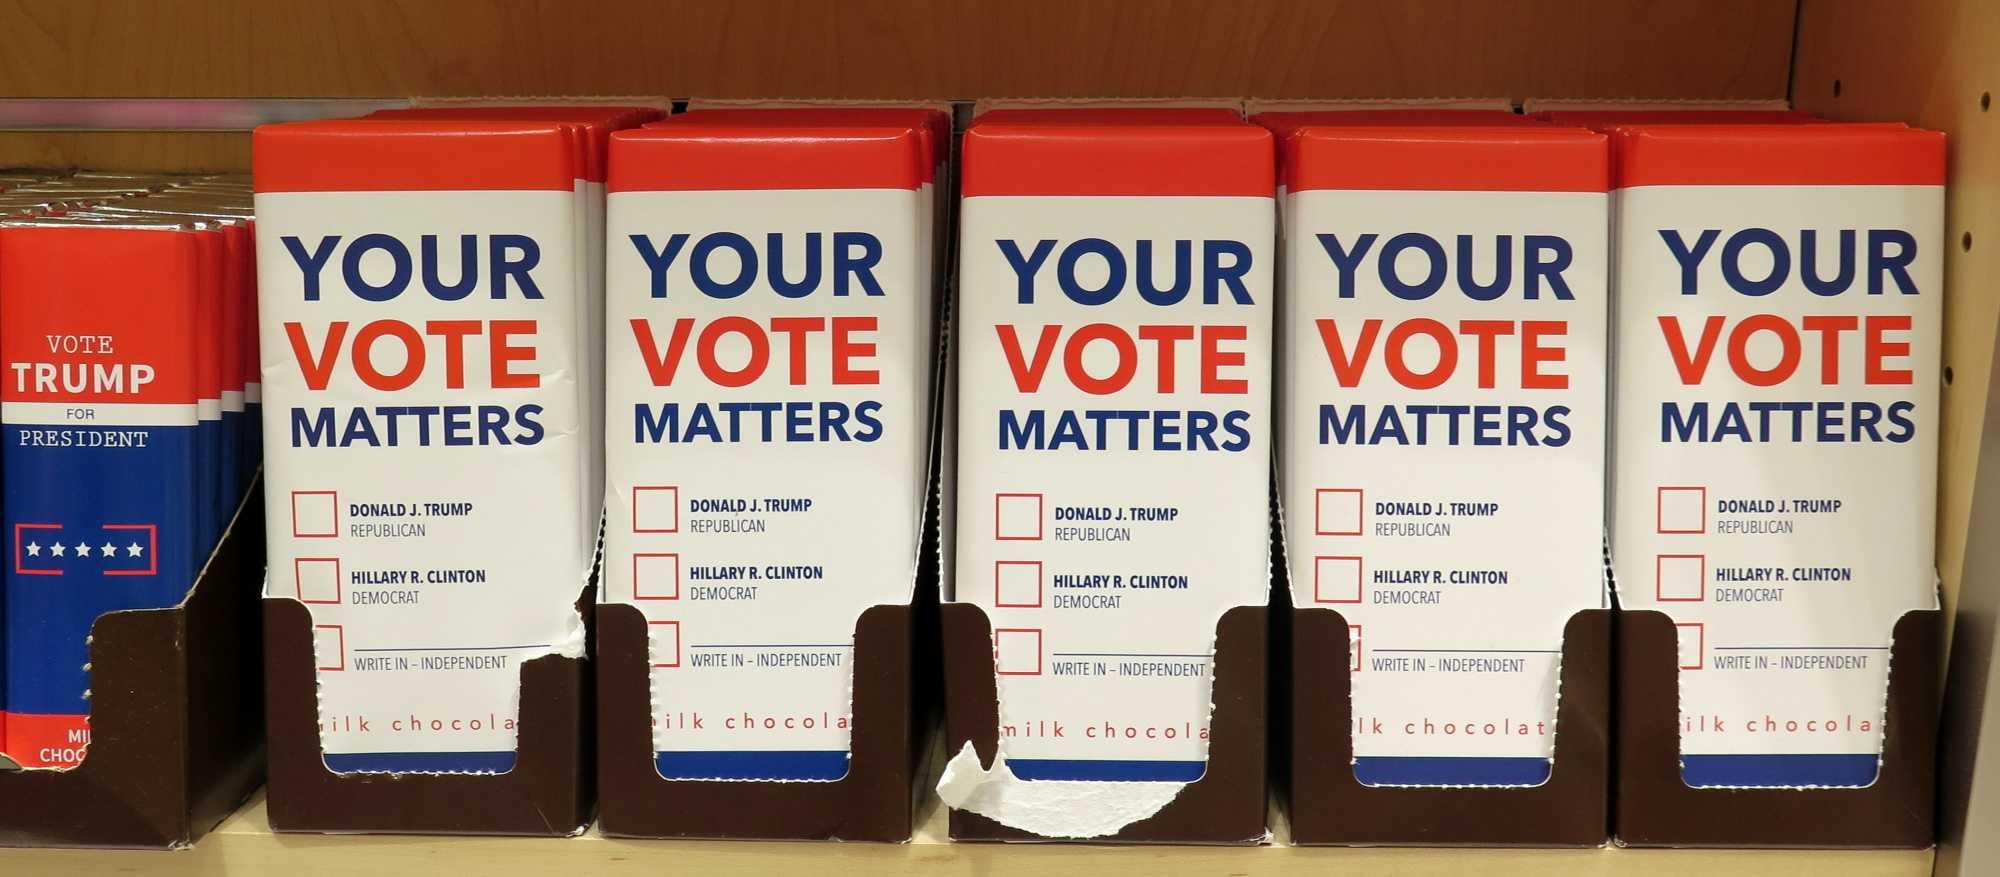 """Schokoladetafeln mit Aufschrift """"Yout Vote Matters"""" und Kästchen für Trump und Clinton"""